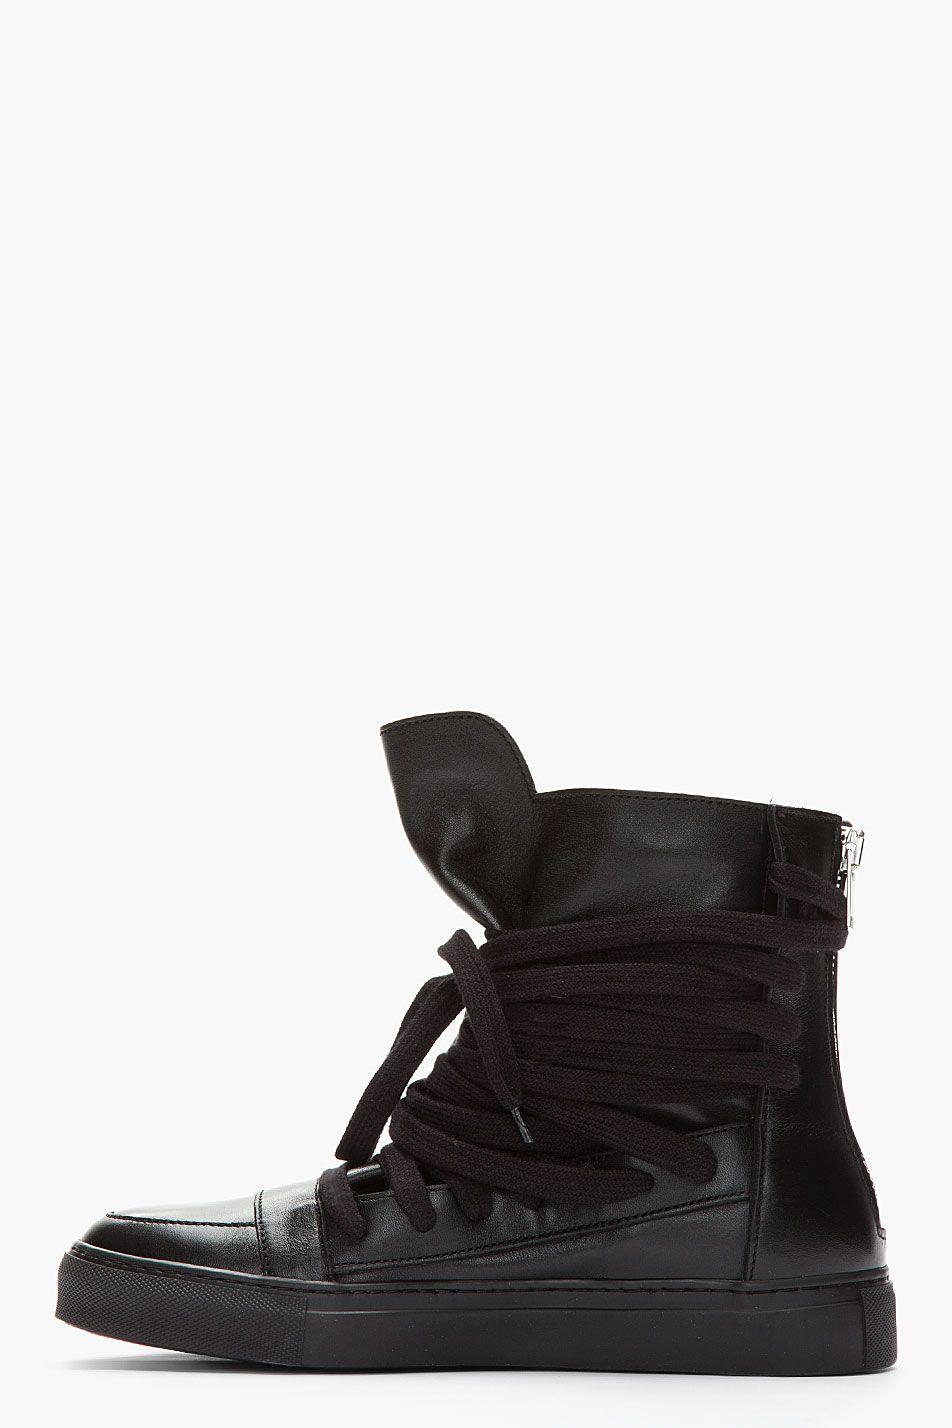 KRISVANASSCHE Black Leather Zippered Sneakers